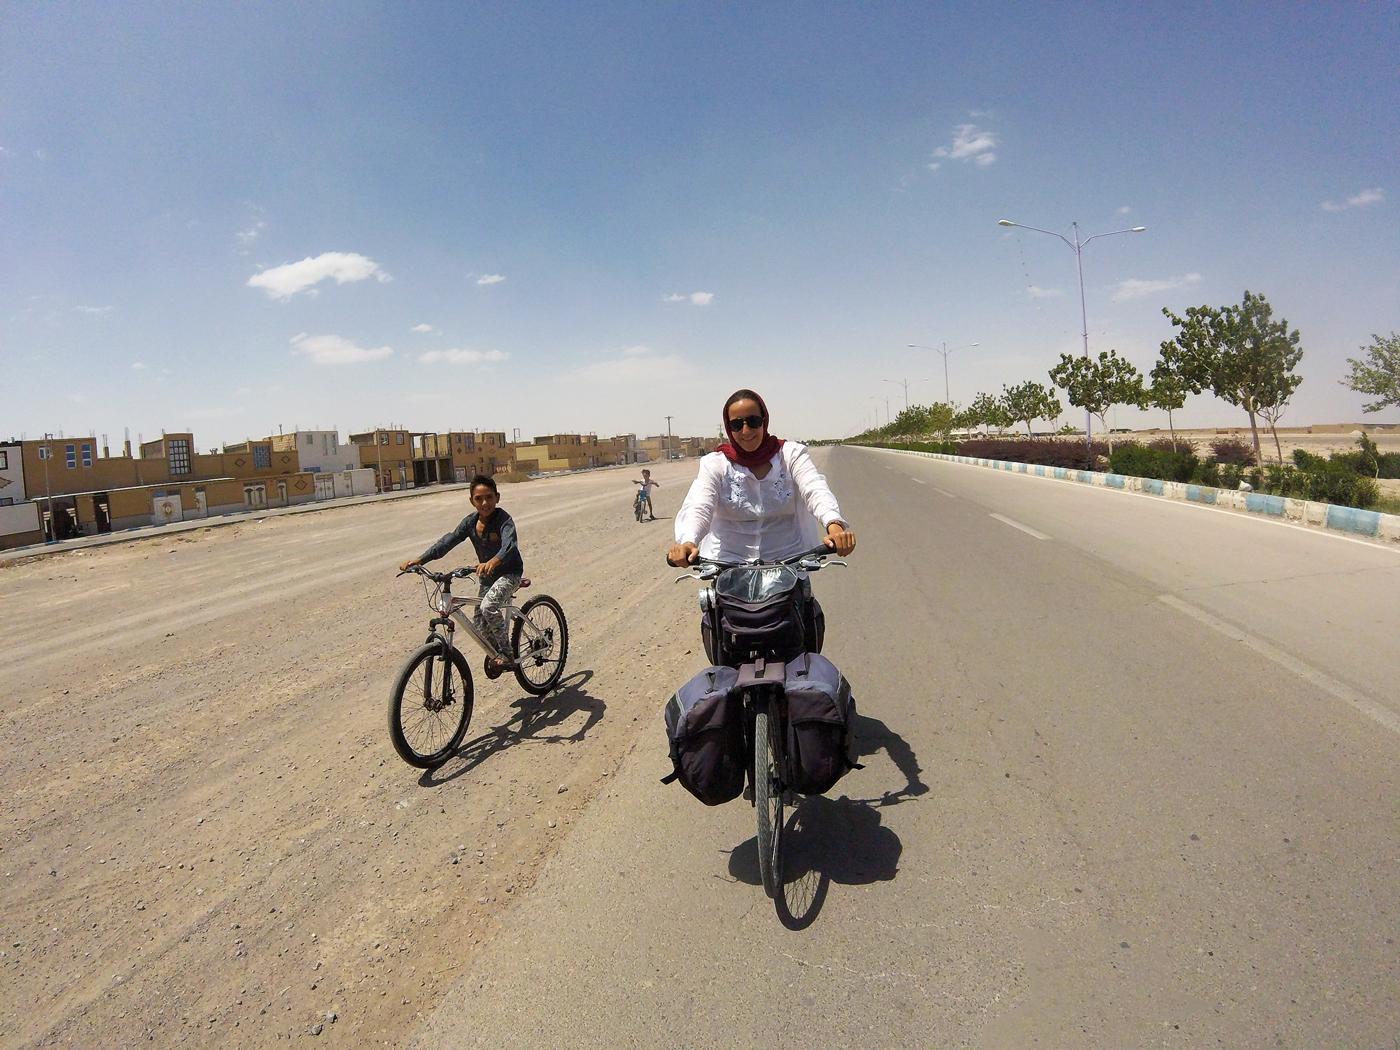 Voyage à vélo, traverser l'Iran à vélo, Yas à vélos avec des enfants à vélos sur la route de Varzaneh. Cycling travel, biketouring, cycling Iran, Yas cycling with children on bicycles on the road to Varzaneh.